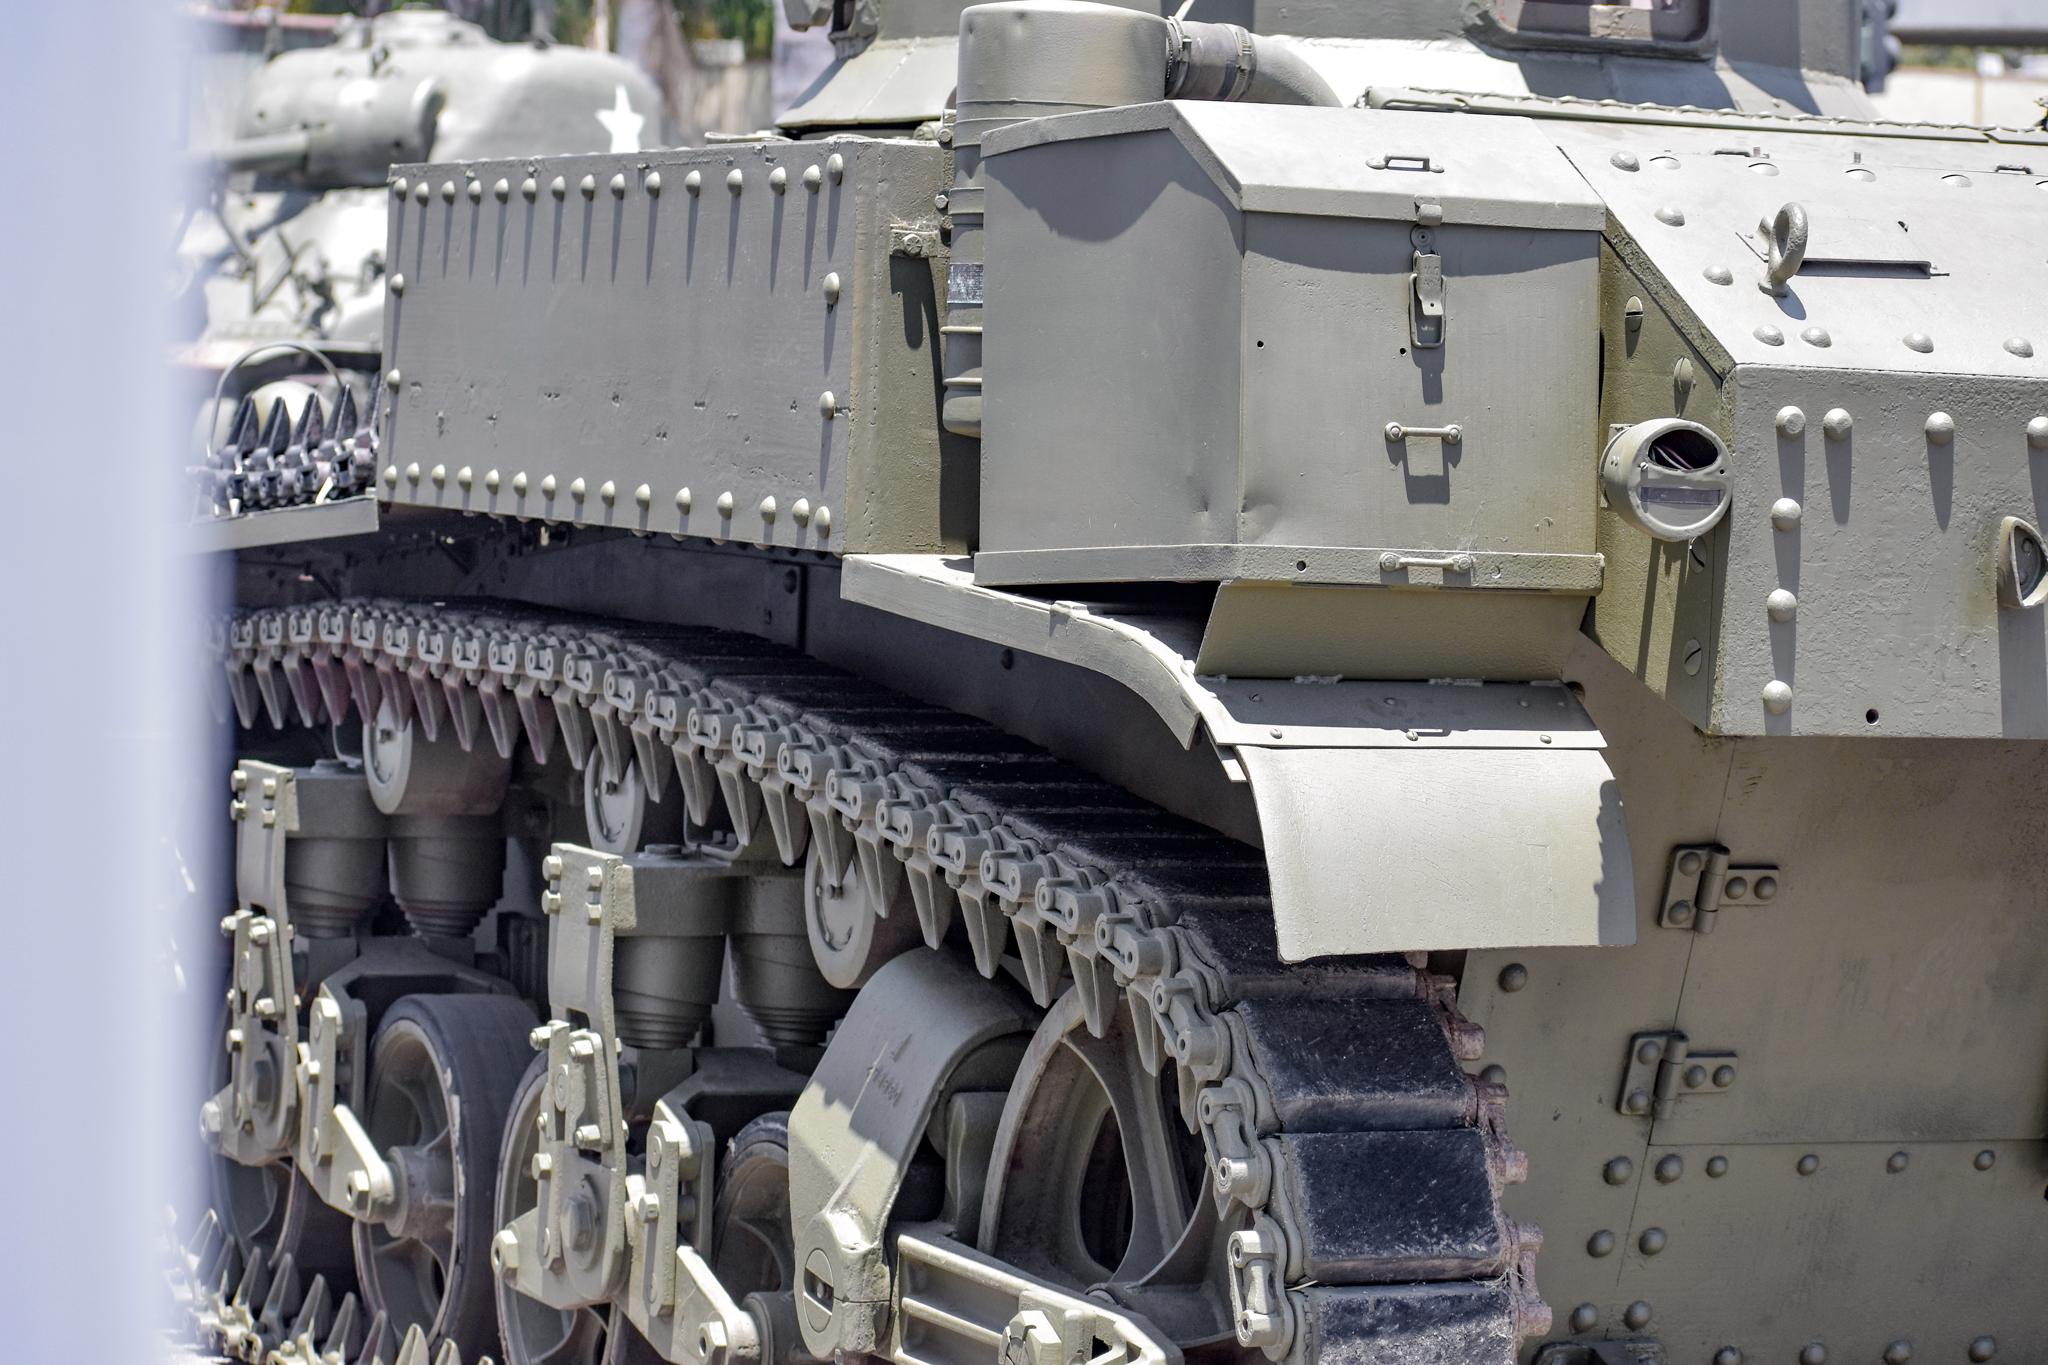 1941 M3 Stuart Tank body close